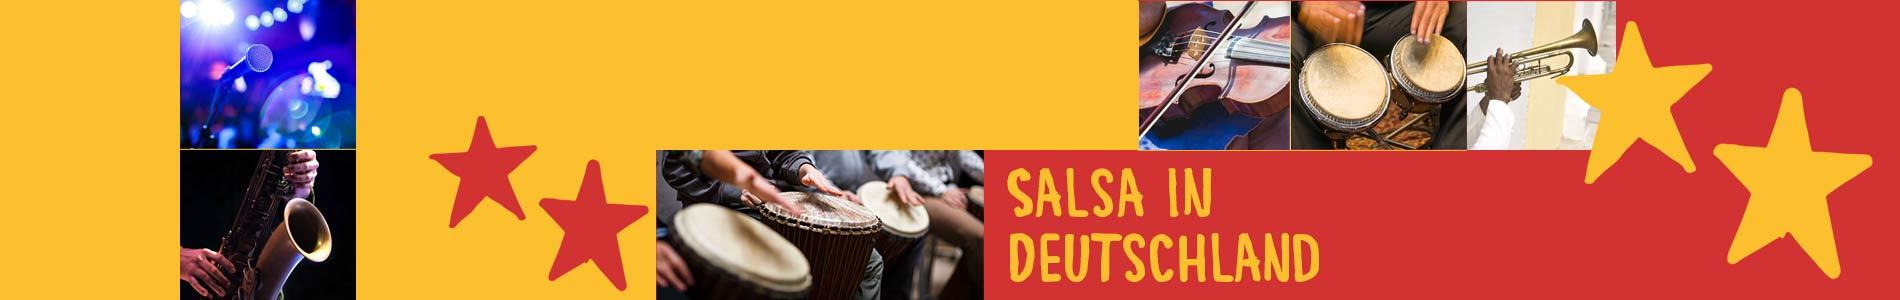 Salsa in Deuben – Salsa lernen und tanzen, Tanzkurse, Partys, Veranstaltungen